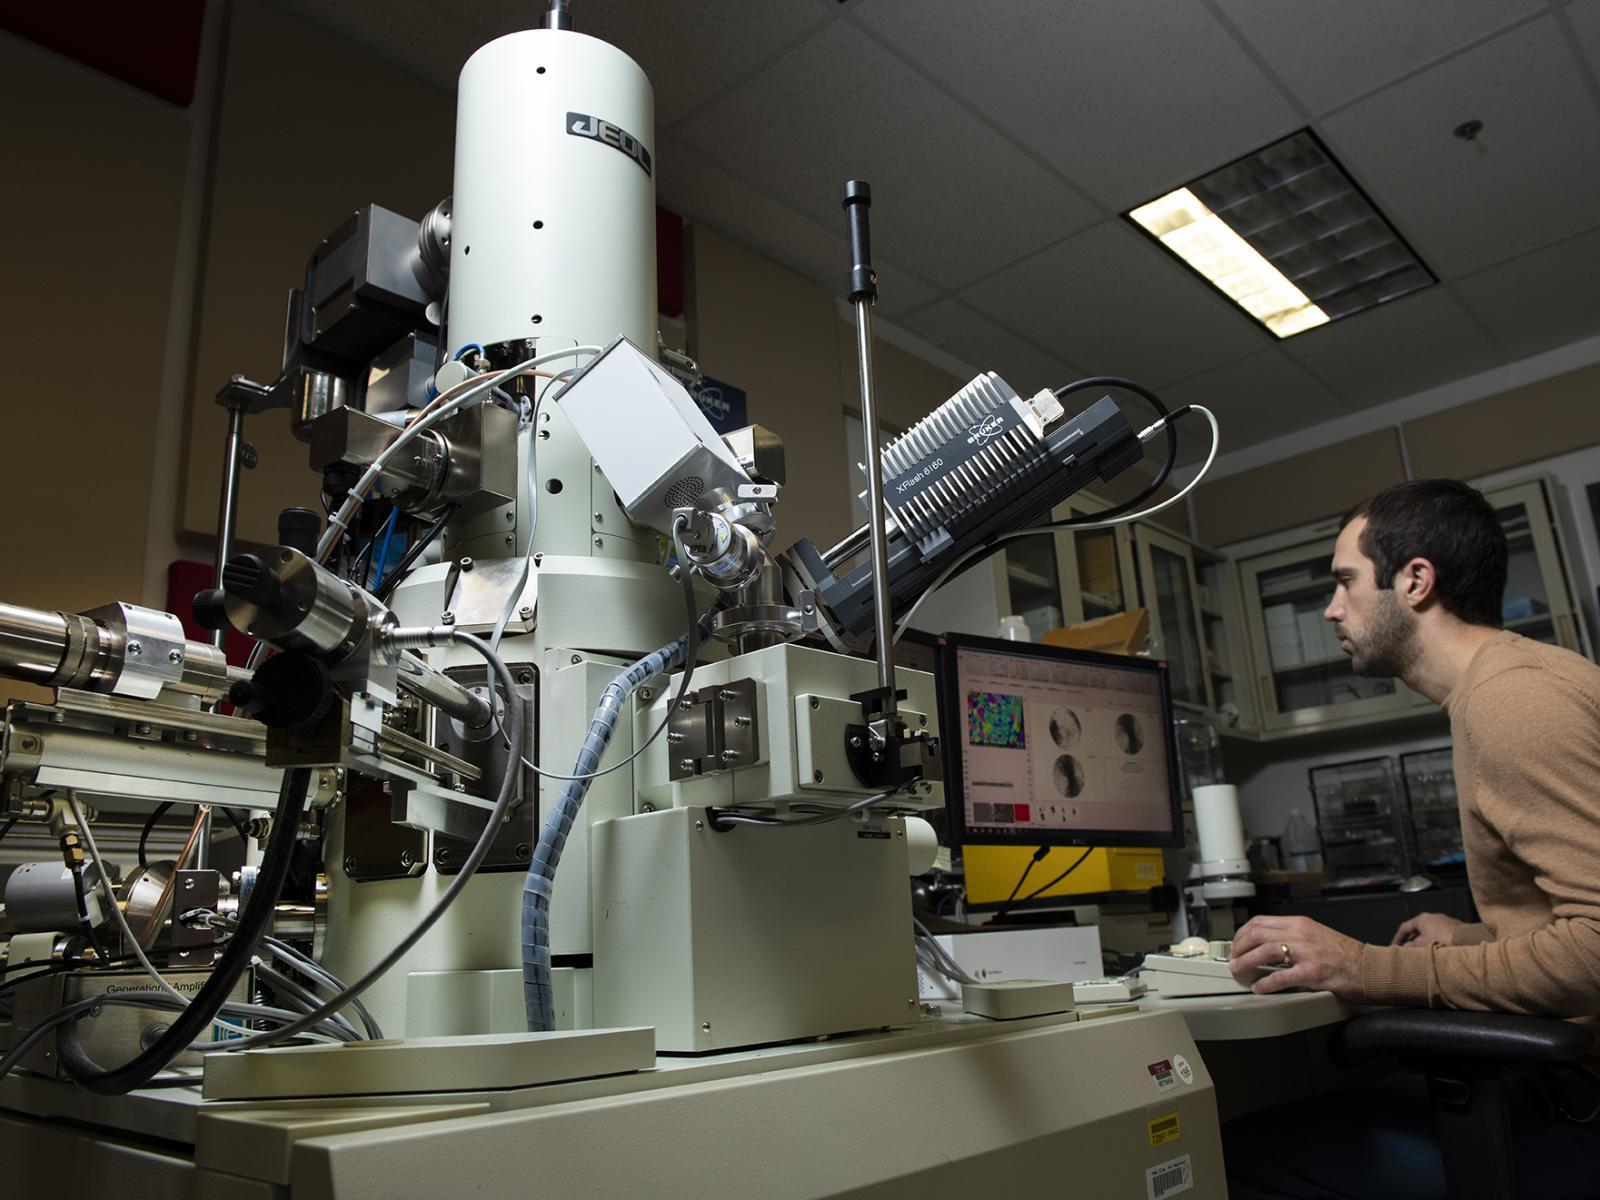 میکروسکوپ های الکترونی با وضوح بالا